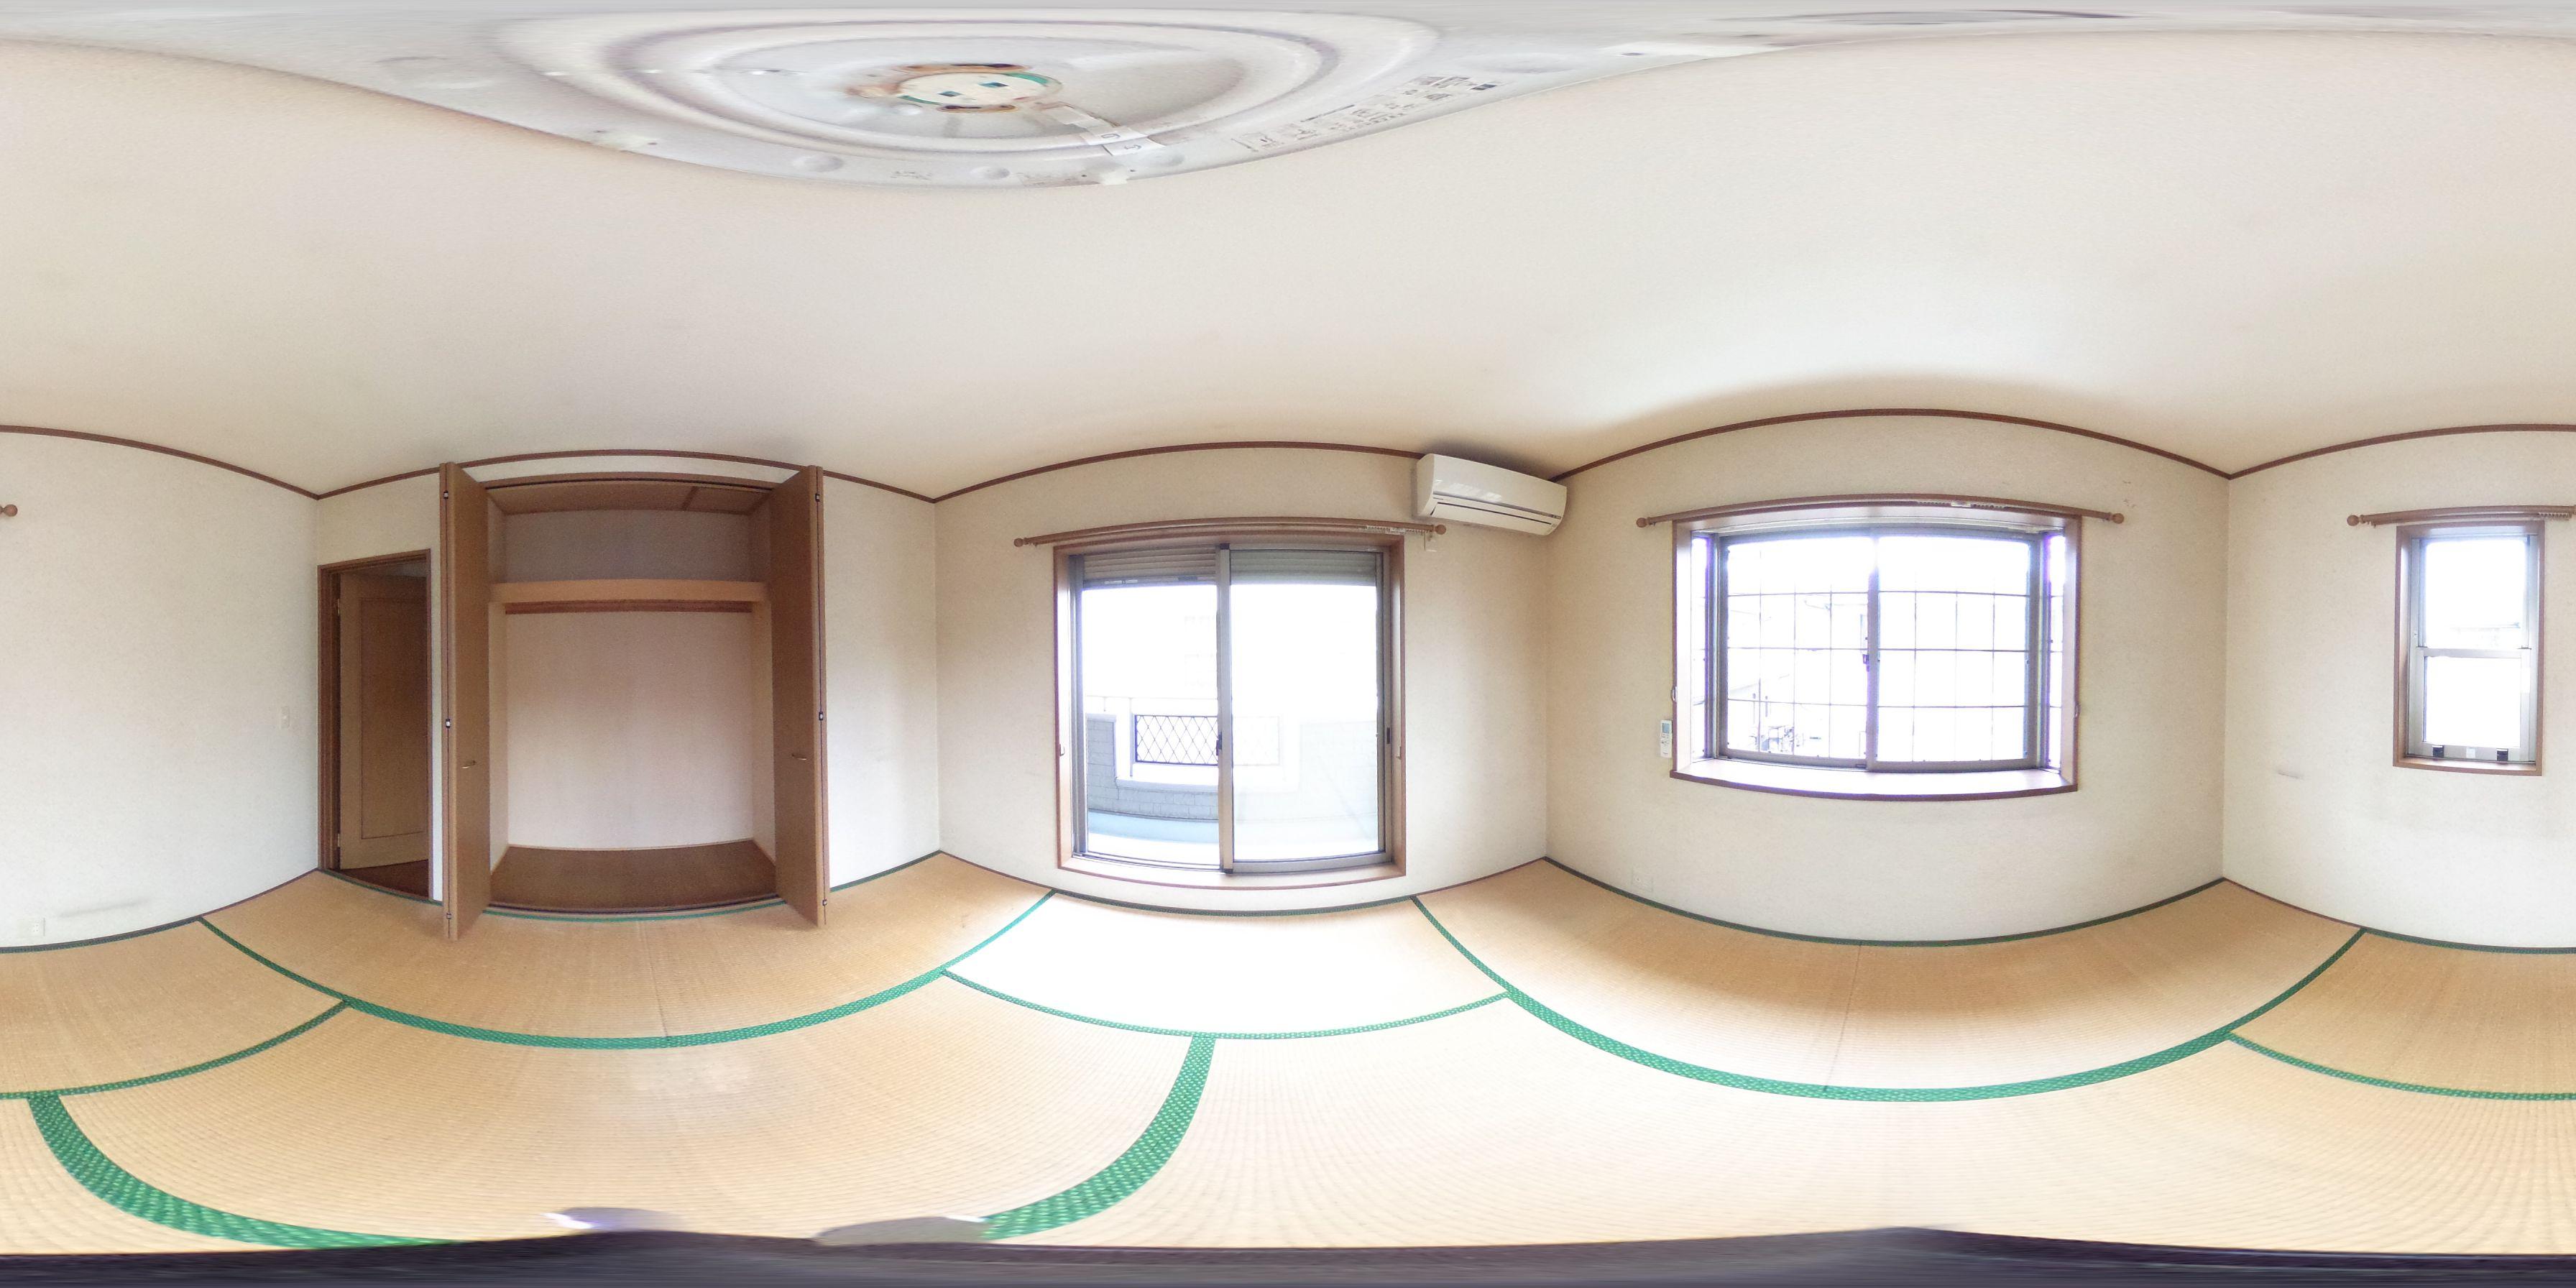 徳島市国府町矢野 一戸建て 4DKパノラマ画像